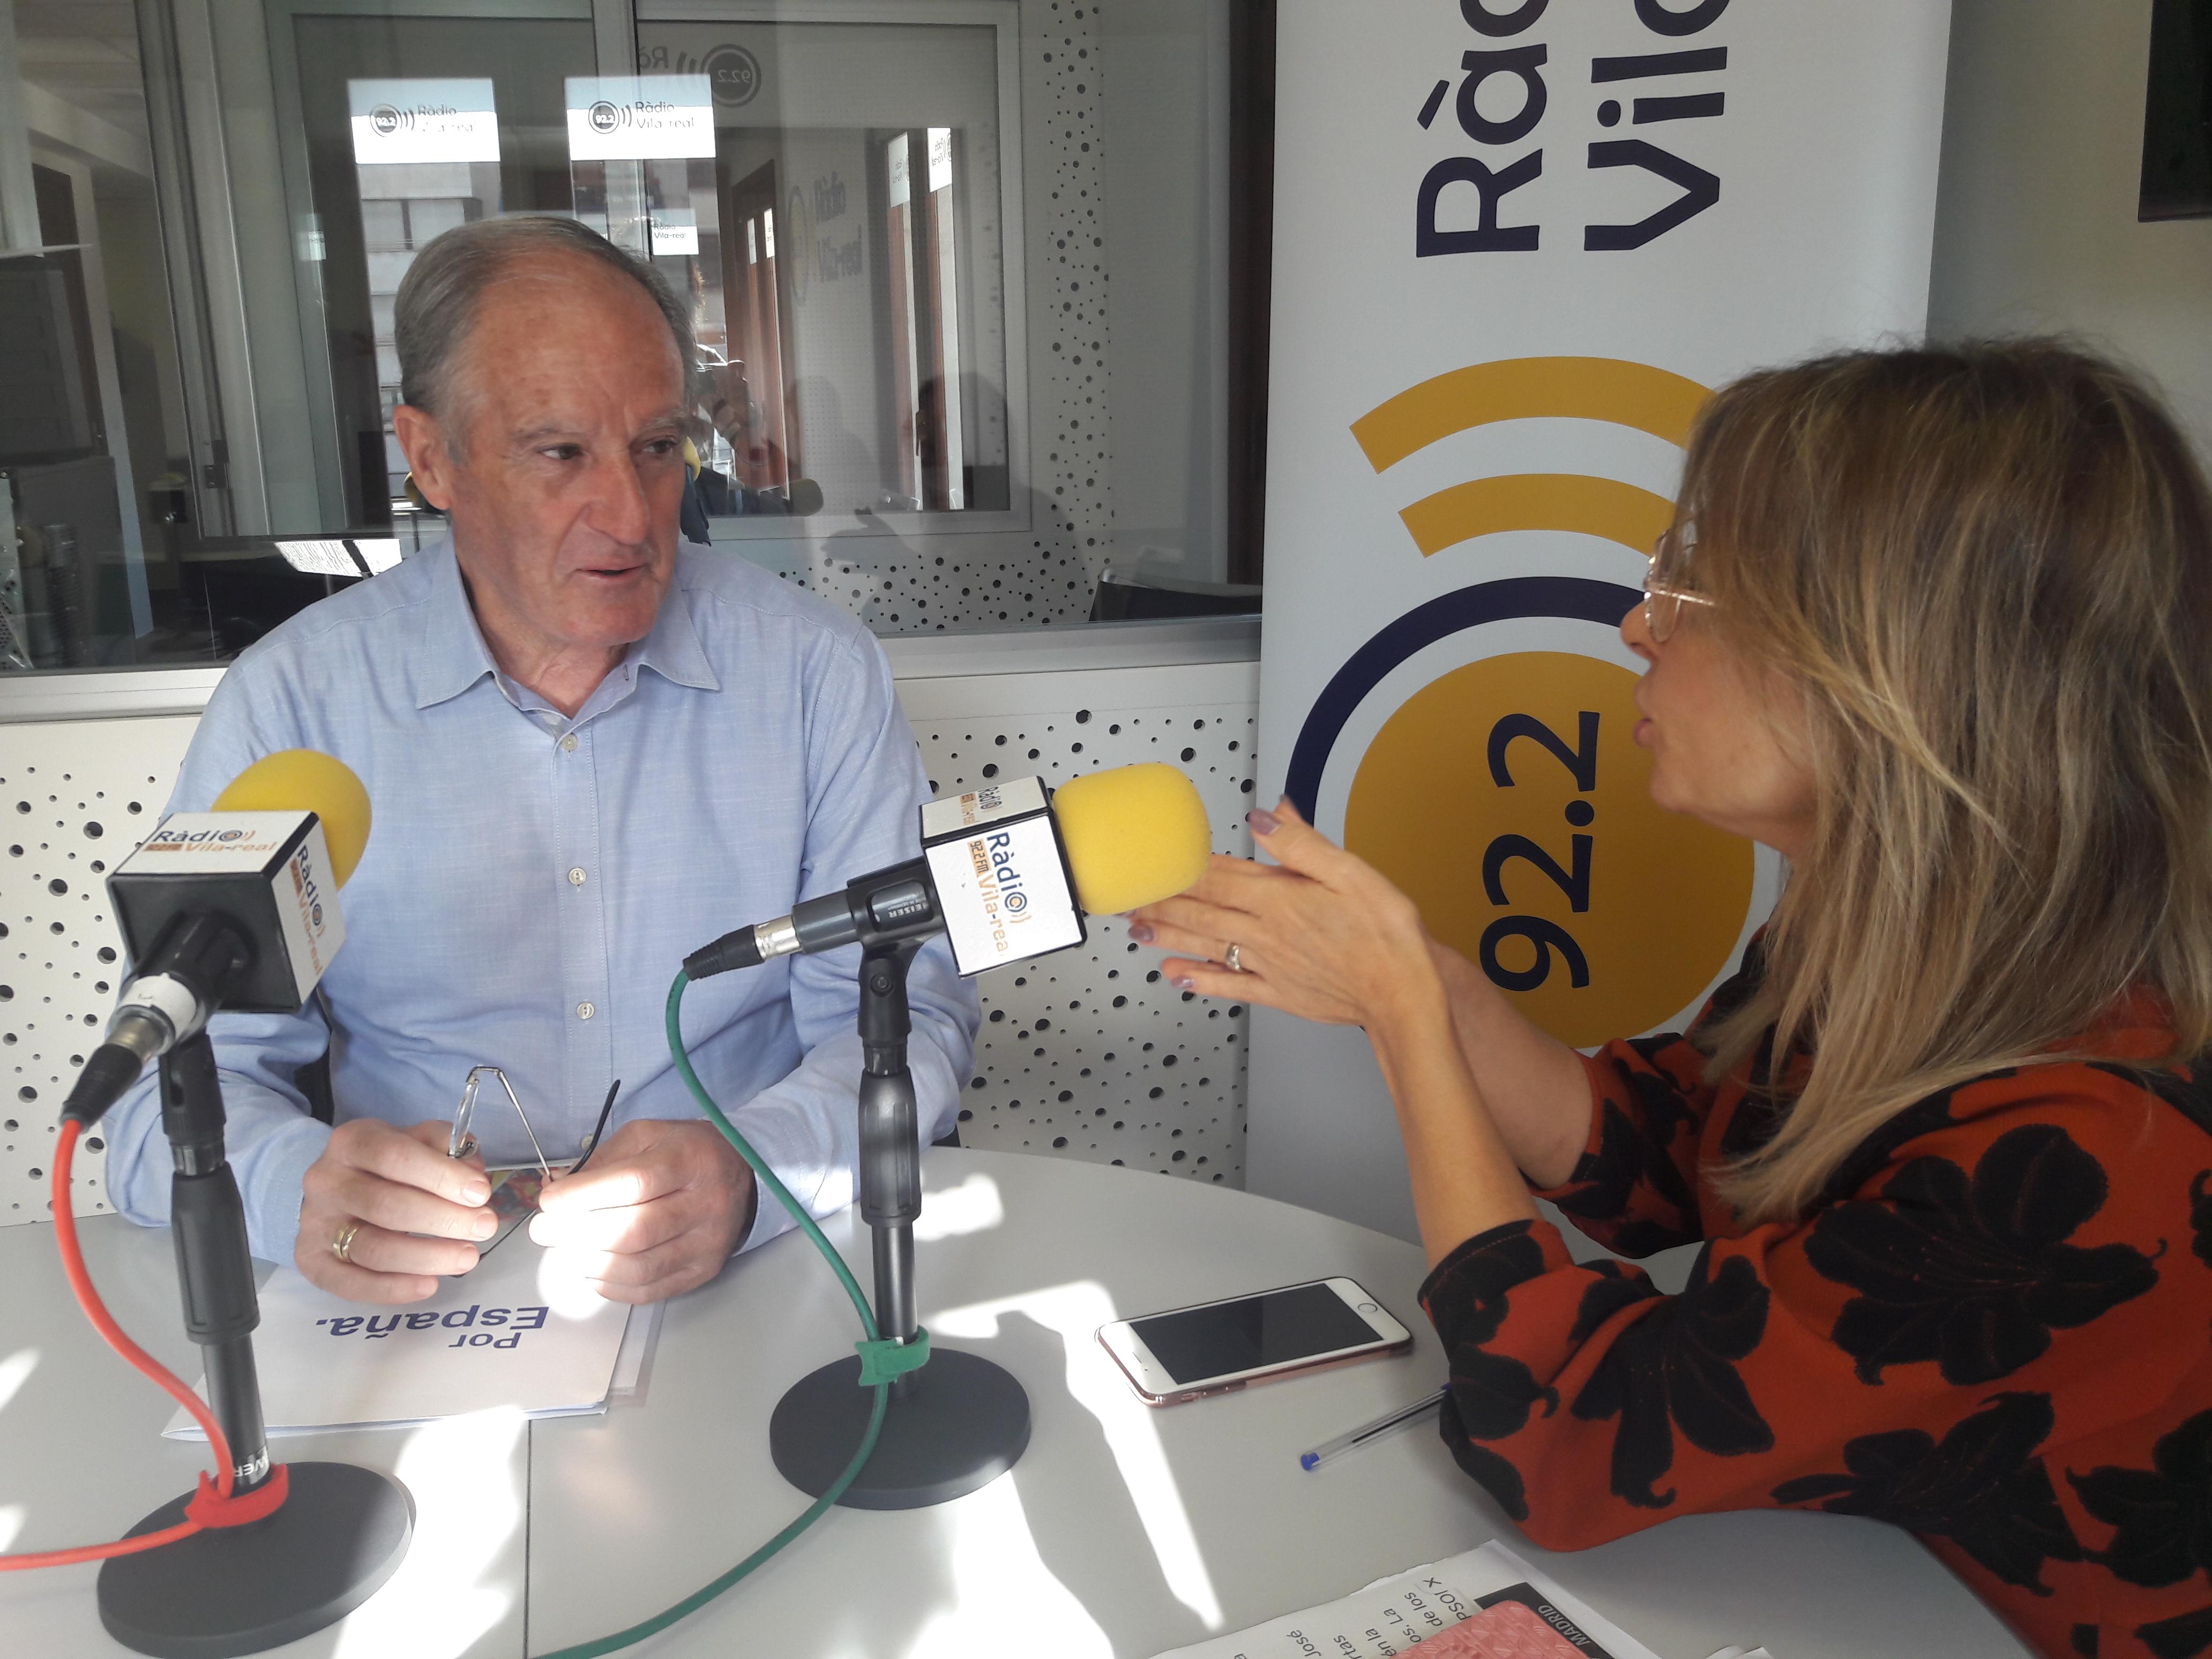 Entrevista con el diputado electo de VOX Castellón al Congreso, Alberto Asarta. 11 de noviembre del 2019